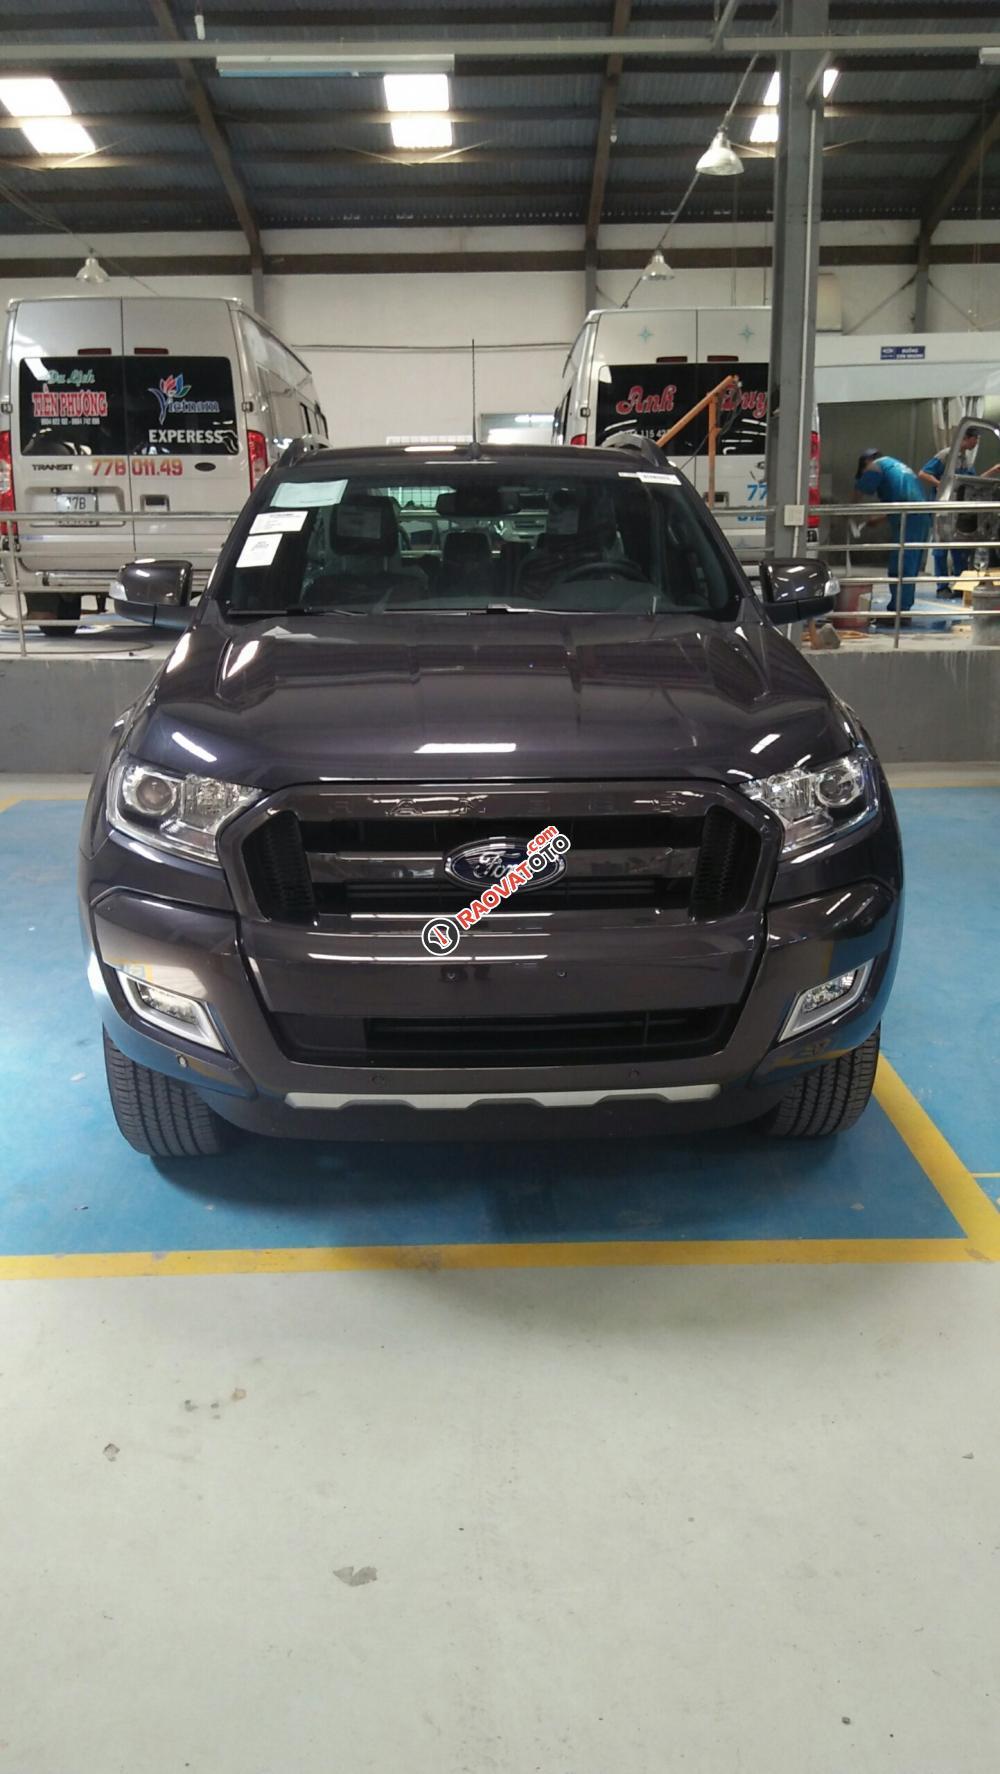 Bán xe Ford Ranger Wildtrak, XLS, XL, XLT. Giá xe chưa giảm, Hotline báo giá xe rẻ: 097.140.7753 -093.114.2545-0